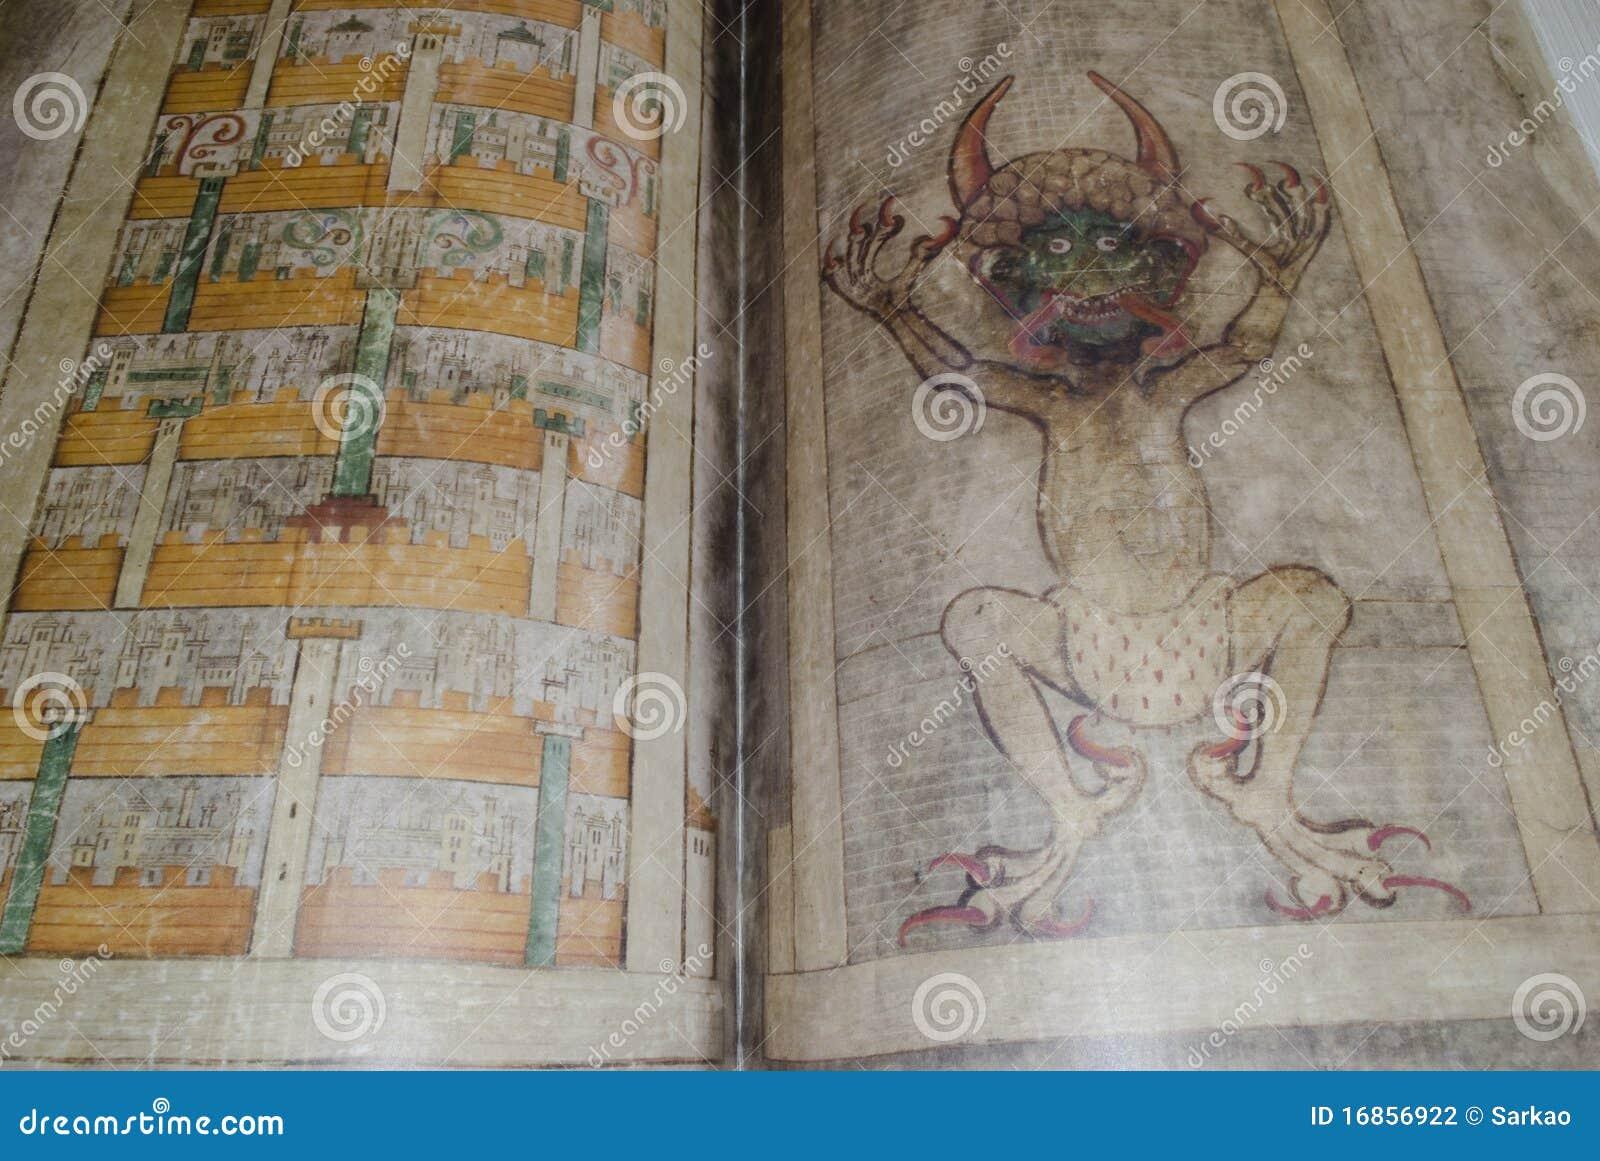 Os gigas do códice igualmente chamaram a Bíblia de Diabo